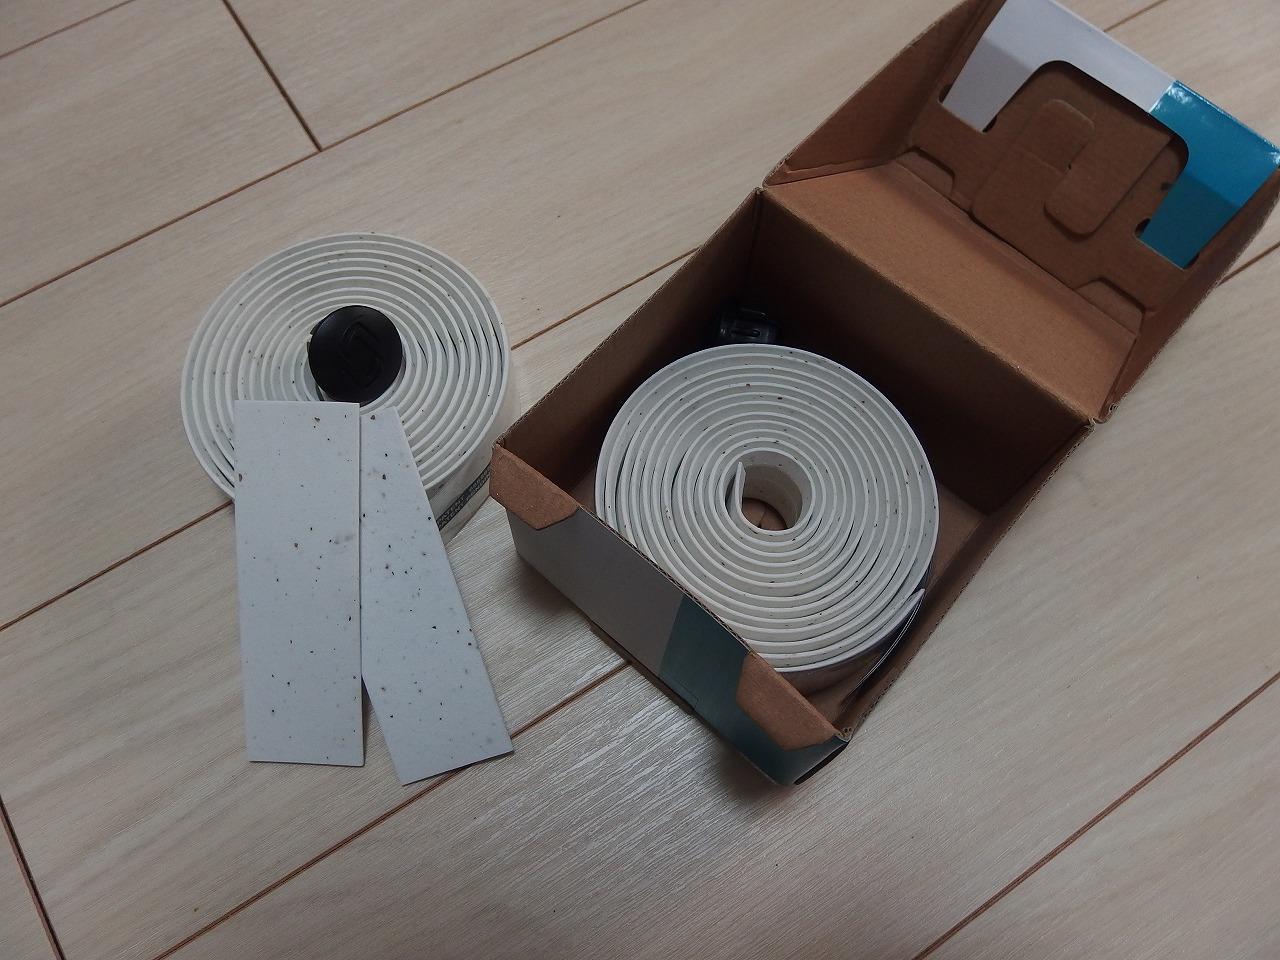 箱を開けるとこんな感じ